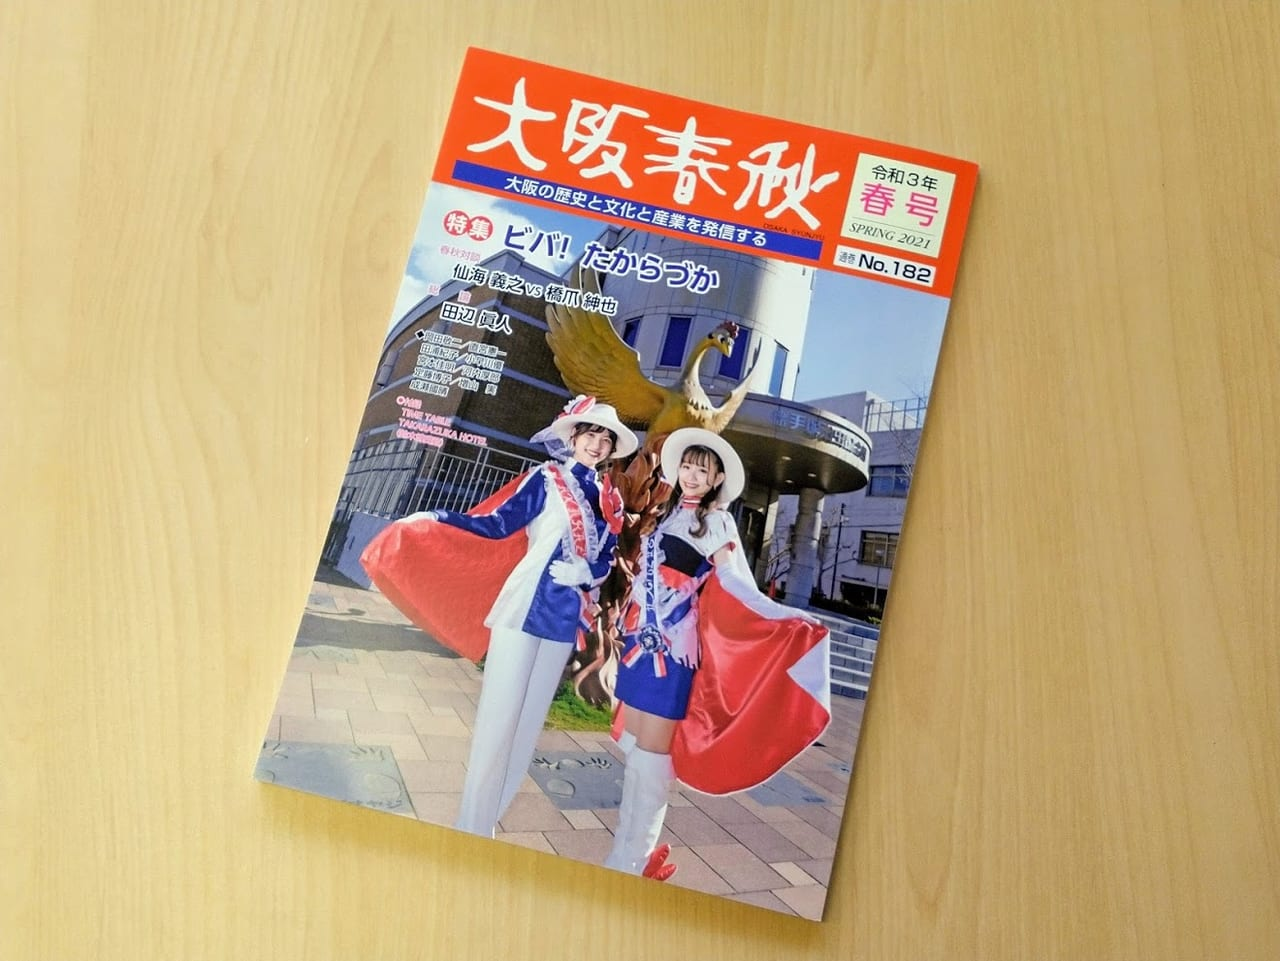 大阪春秋182号「ビバ!たからづか」